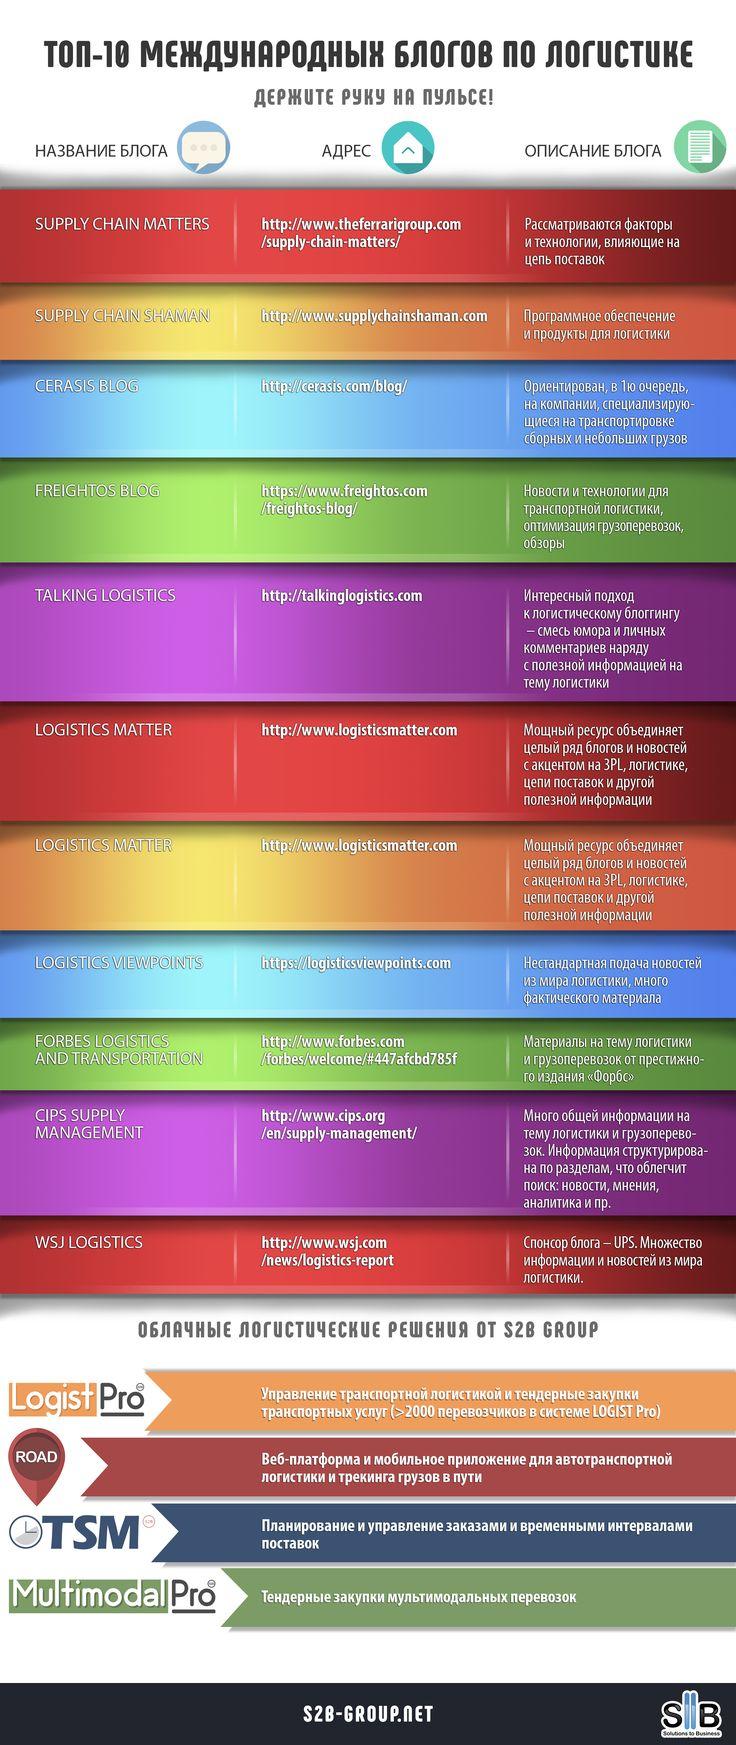 ТОП-10 международных блогов по логистике #логистика #грузоперевозки #автоматизациялогистики #tms